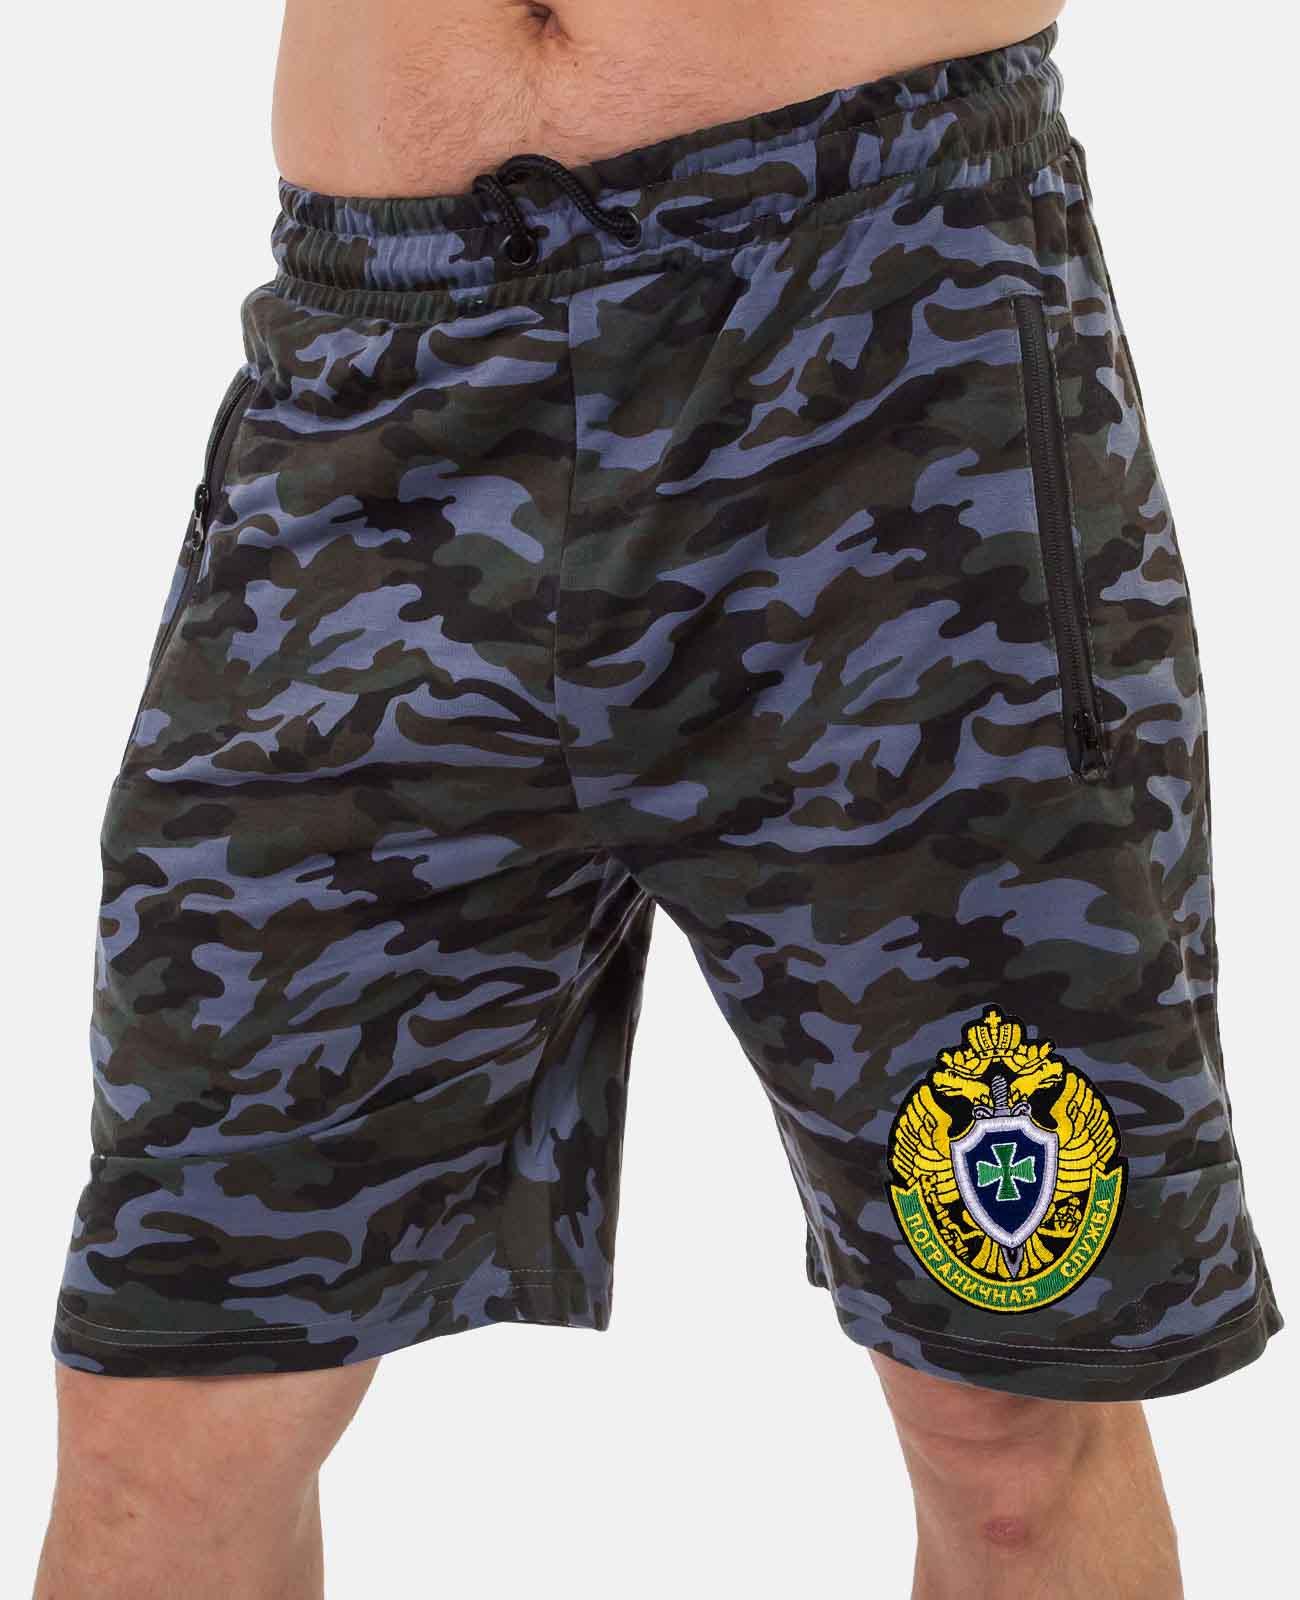 Просторные мужские шорты с эмблемой Погранслужбы купить по привлекательной цене